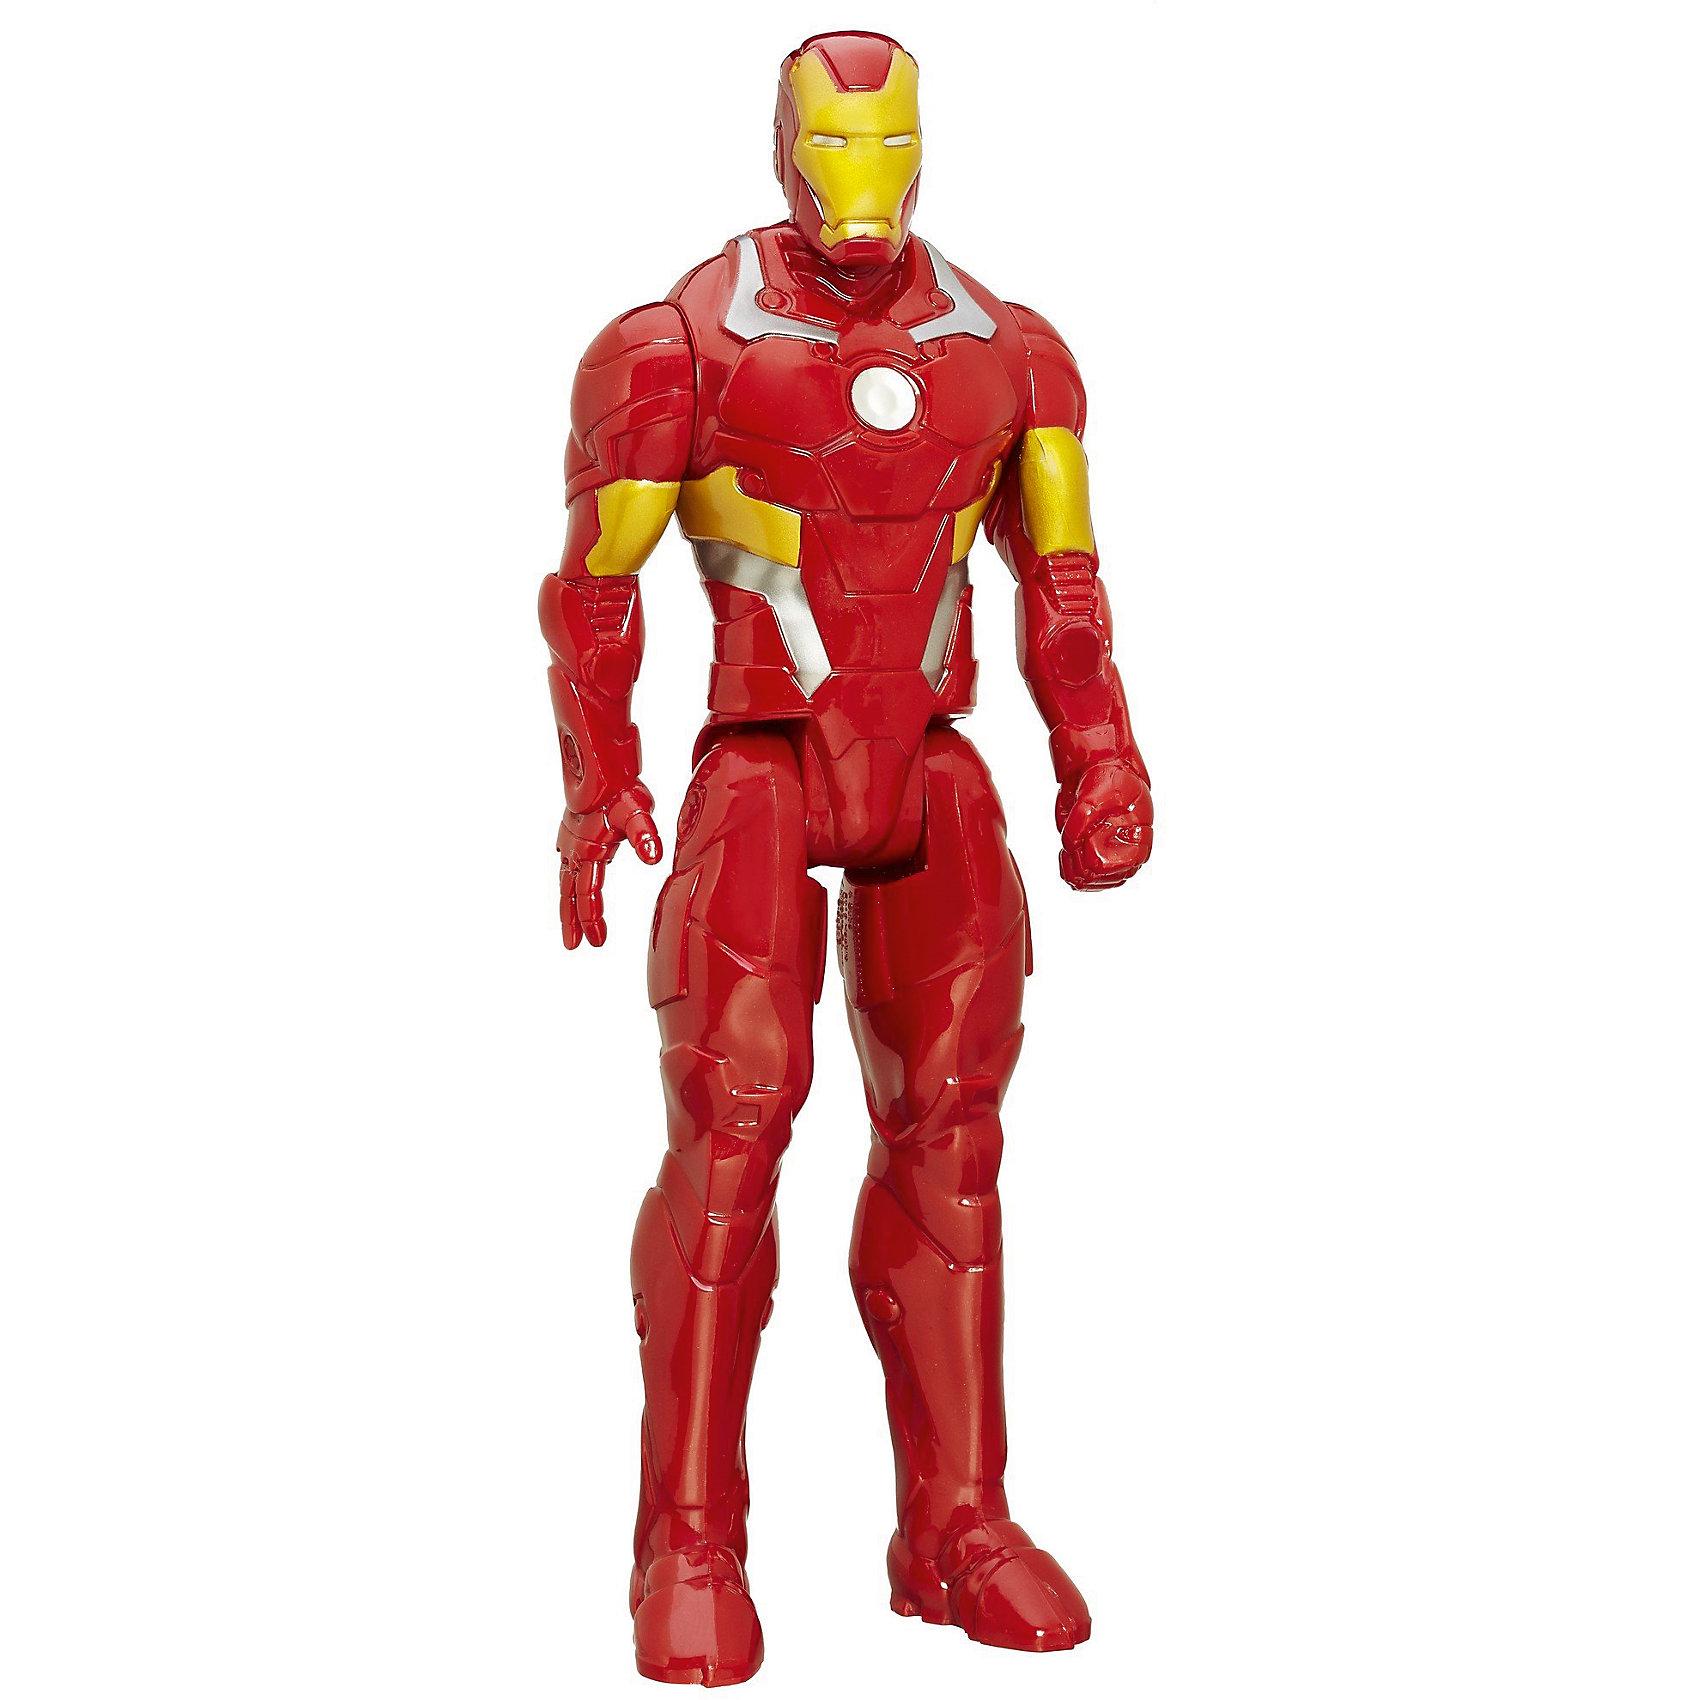 Фигурка Титаны: Железный человек, МстителиФигурки героев<br>Фигурка Железного Человека станет приятным сюрпризом для вашего ребенка, особенно если он является поклонником популярных комиксов и фильмов о супергероях Мстители (Avengers). Железный Человек (Iron Man) - супергерой в уникальном костюме, который он создал сам. Броня защищает его и придает сверхчеловеческую силу, благодаря чему герой защищает мир от злодеев и скрывает свою личность. Фигурка имеет множество точек артикуляции, что позволяет ей приобретать самые реалистичные позы, выполнена из высококачественного пластика, прекрасно детализирована и реалистично раскрашена. Собери все фигурки титанов и погрузись в увлекательную игру вместе с любимыми героями! <br><br>Дополнительная информация: <br><br>- Материал: пластик.<br>- Размер: 30 см.<br>- Голова, руки, ноги подвижные. <br><br>Фигурку Титаны: Железный Человек, Мстители, можно купить в нашем магазине.<br><br>Ширина мм: 306<br>Глубина мм: 104<br>Высота мм: 55<br>Вес г: 258<br>Возраст от месяцев: 48<br>Возраст до месяцев: 96<br>Пол: Мужской<br>Возраст: Детский<br>SKU: 4702915